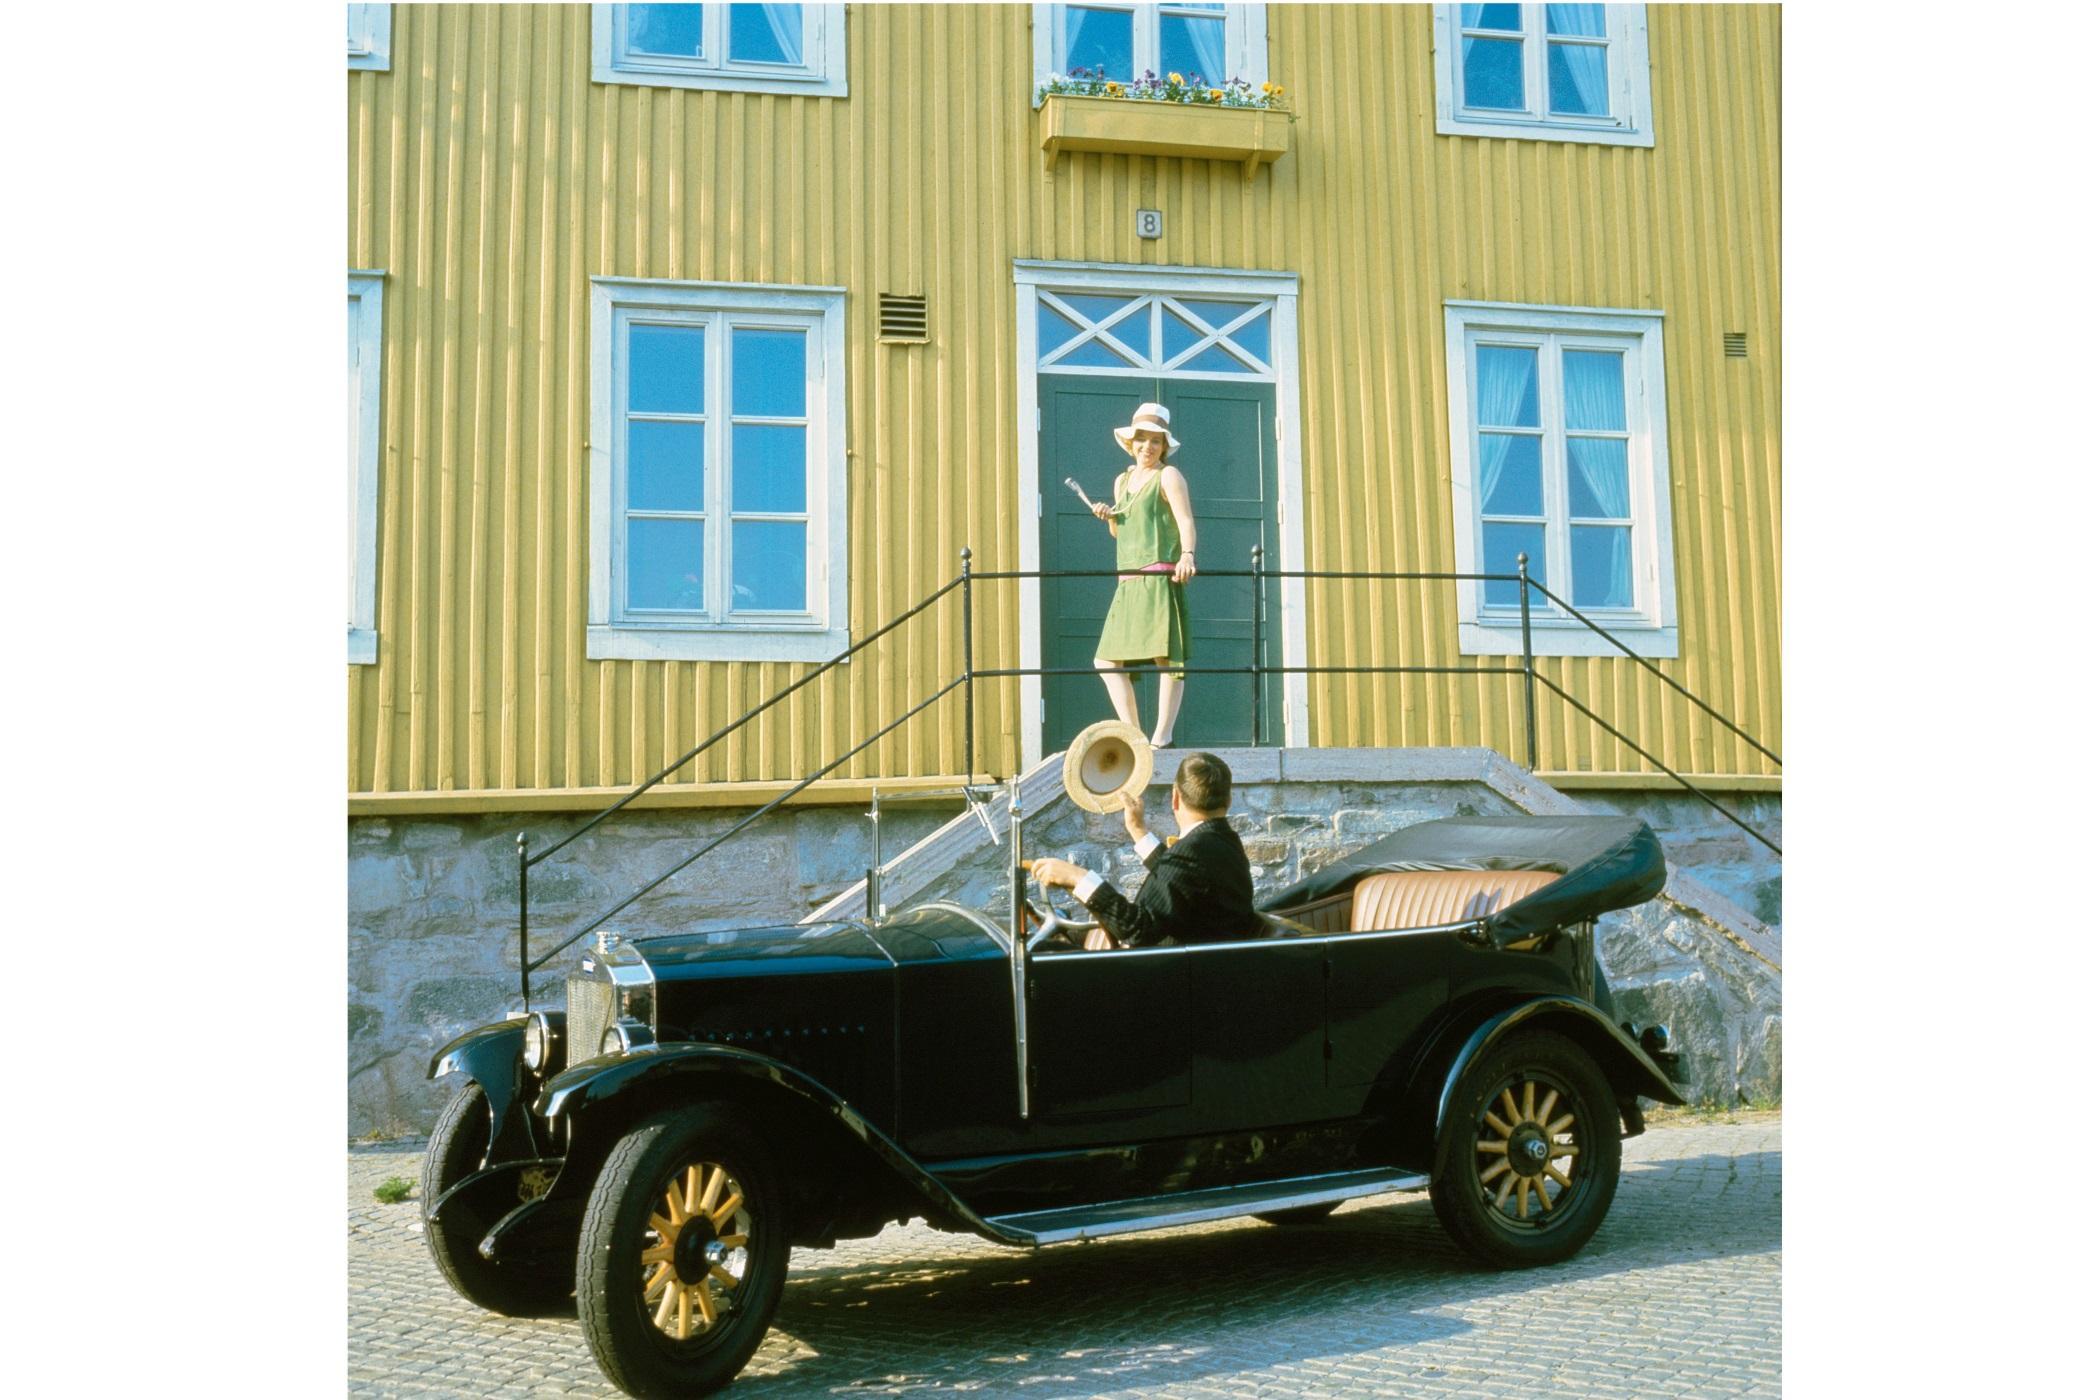 Volvo: Der Ur-Volvo, der ÖV4, kam vor 90 Jahren auf den Markt.